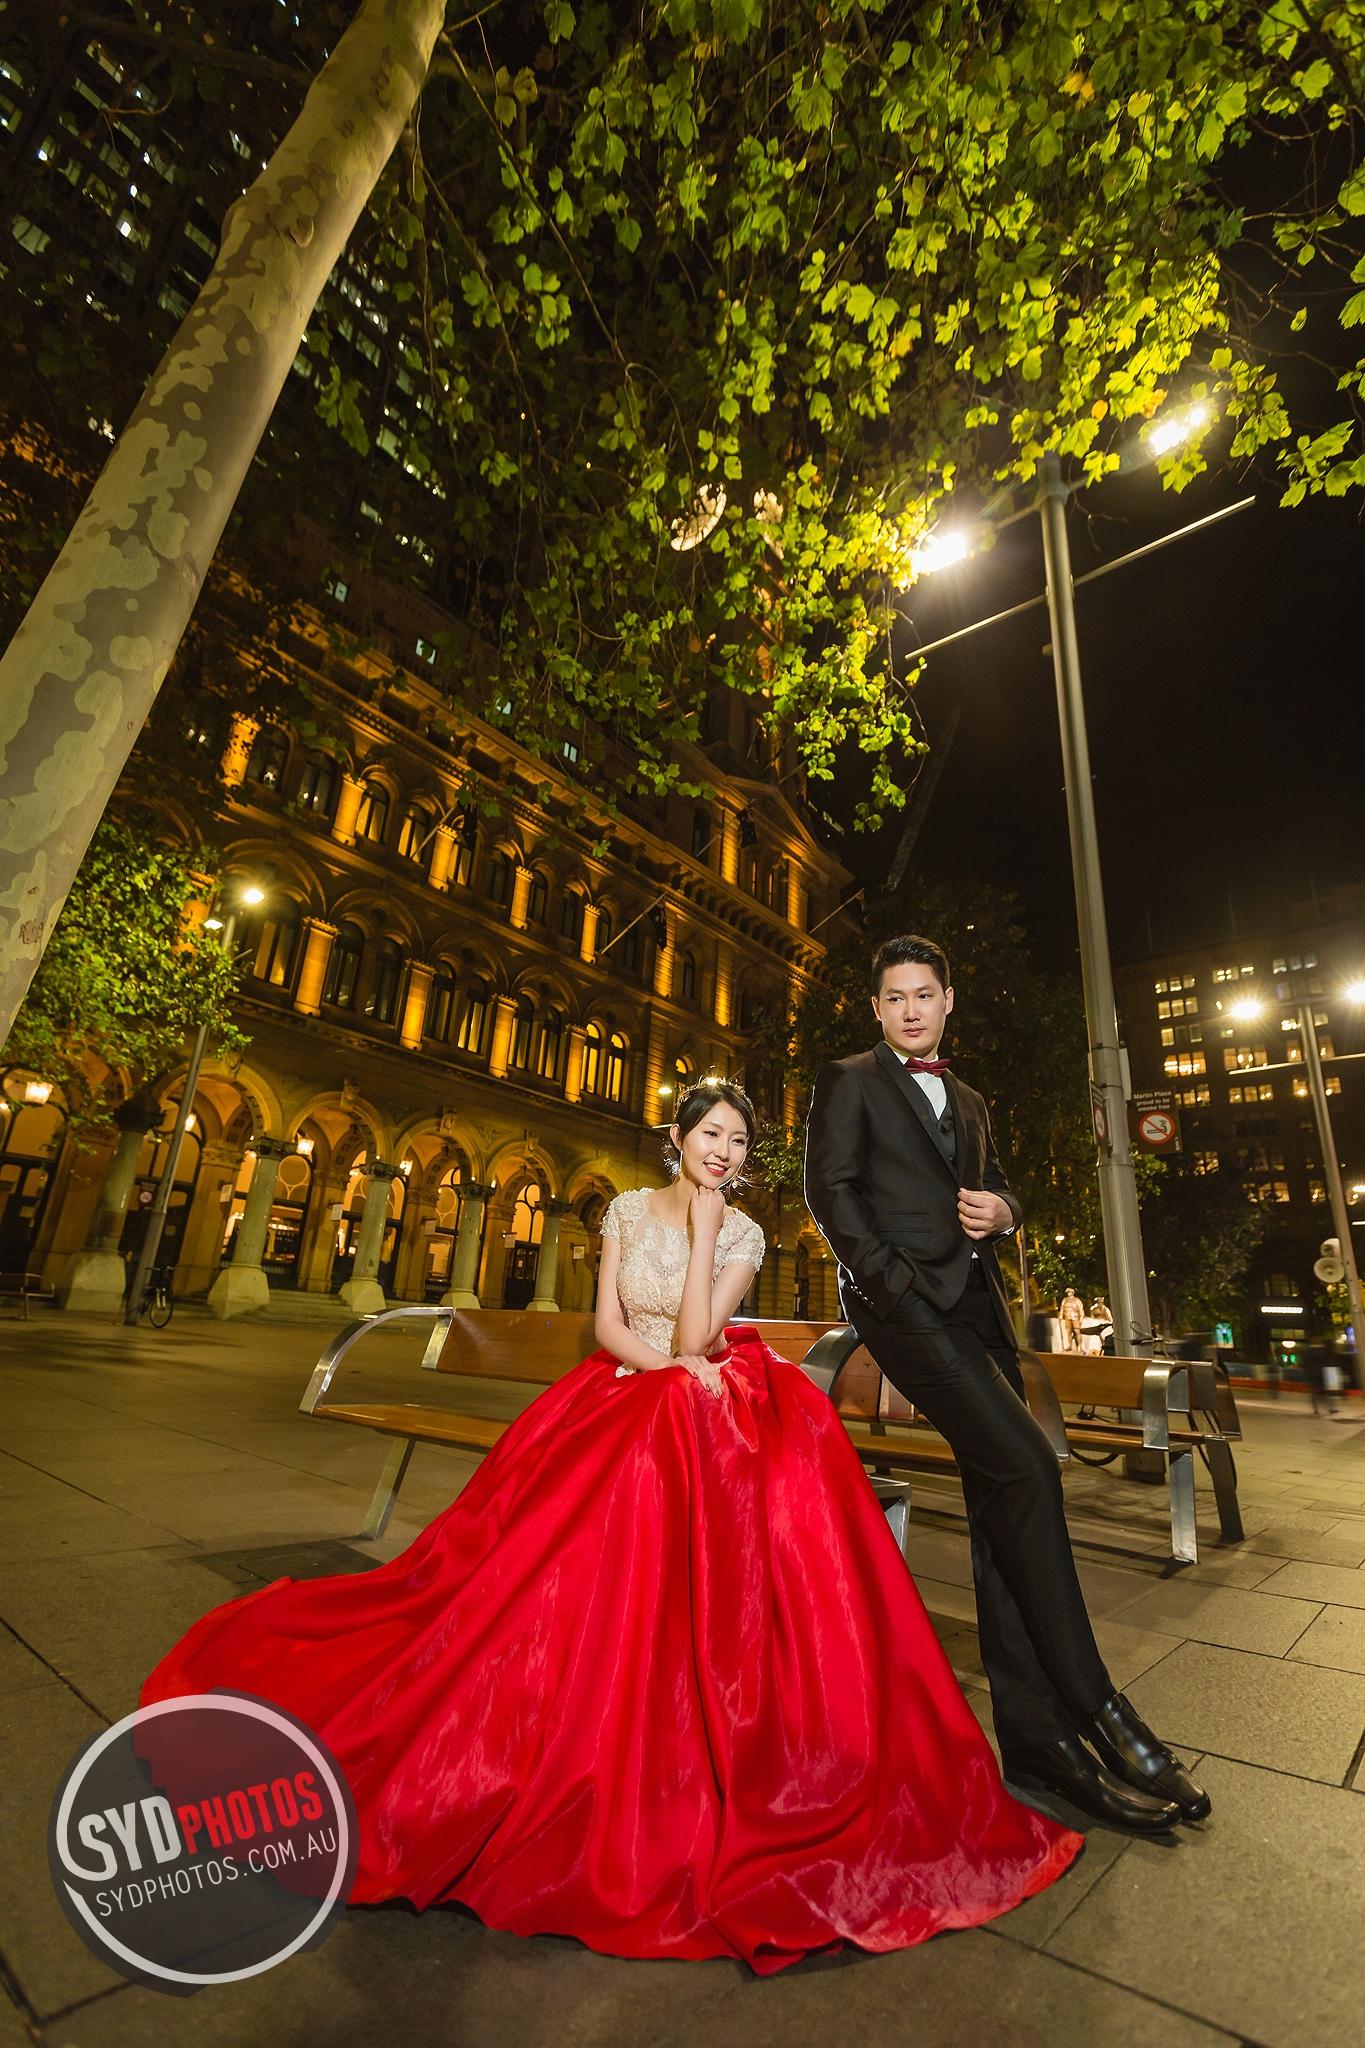 ID-100691-shella-Prewedding-悉尼婚纱摄影